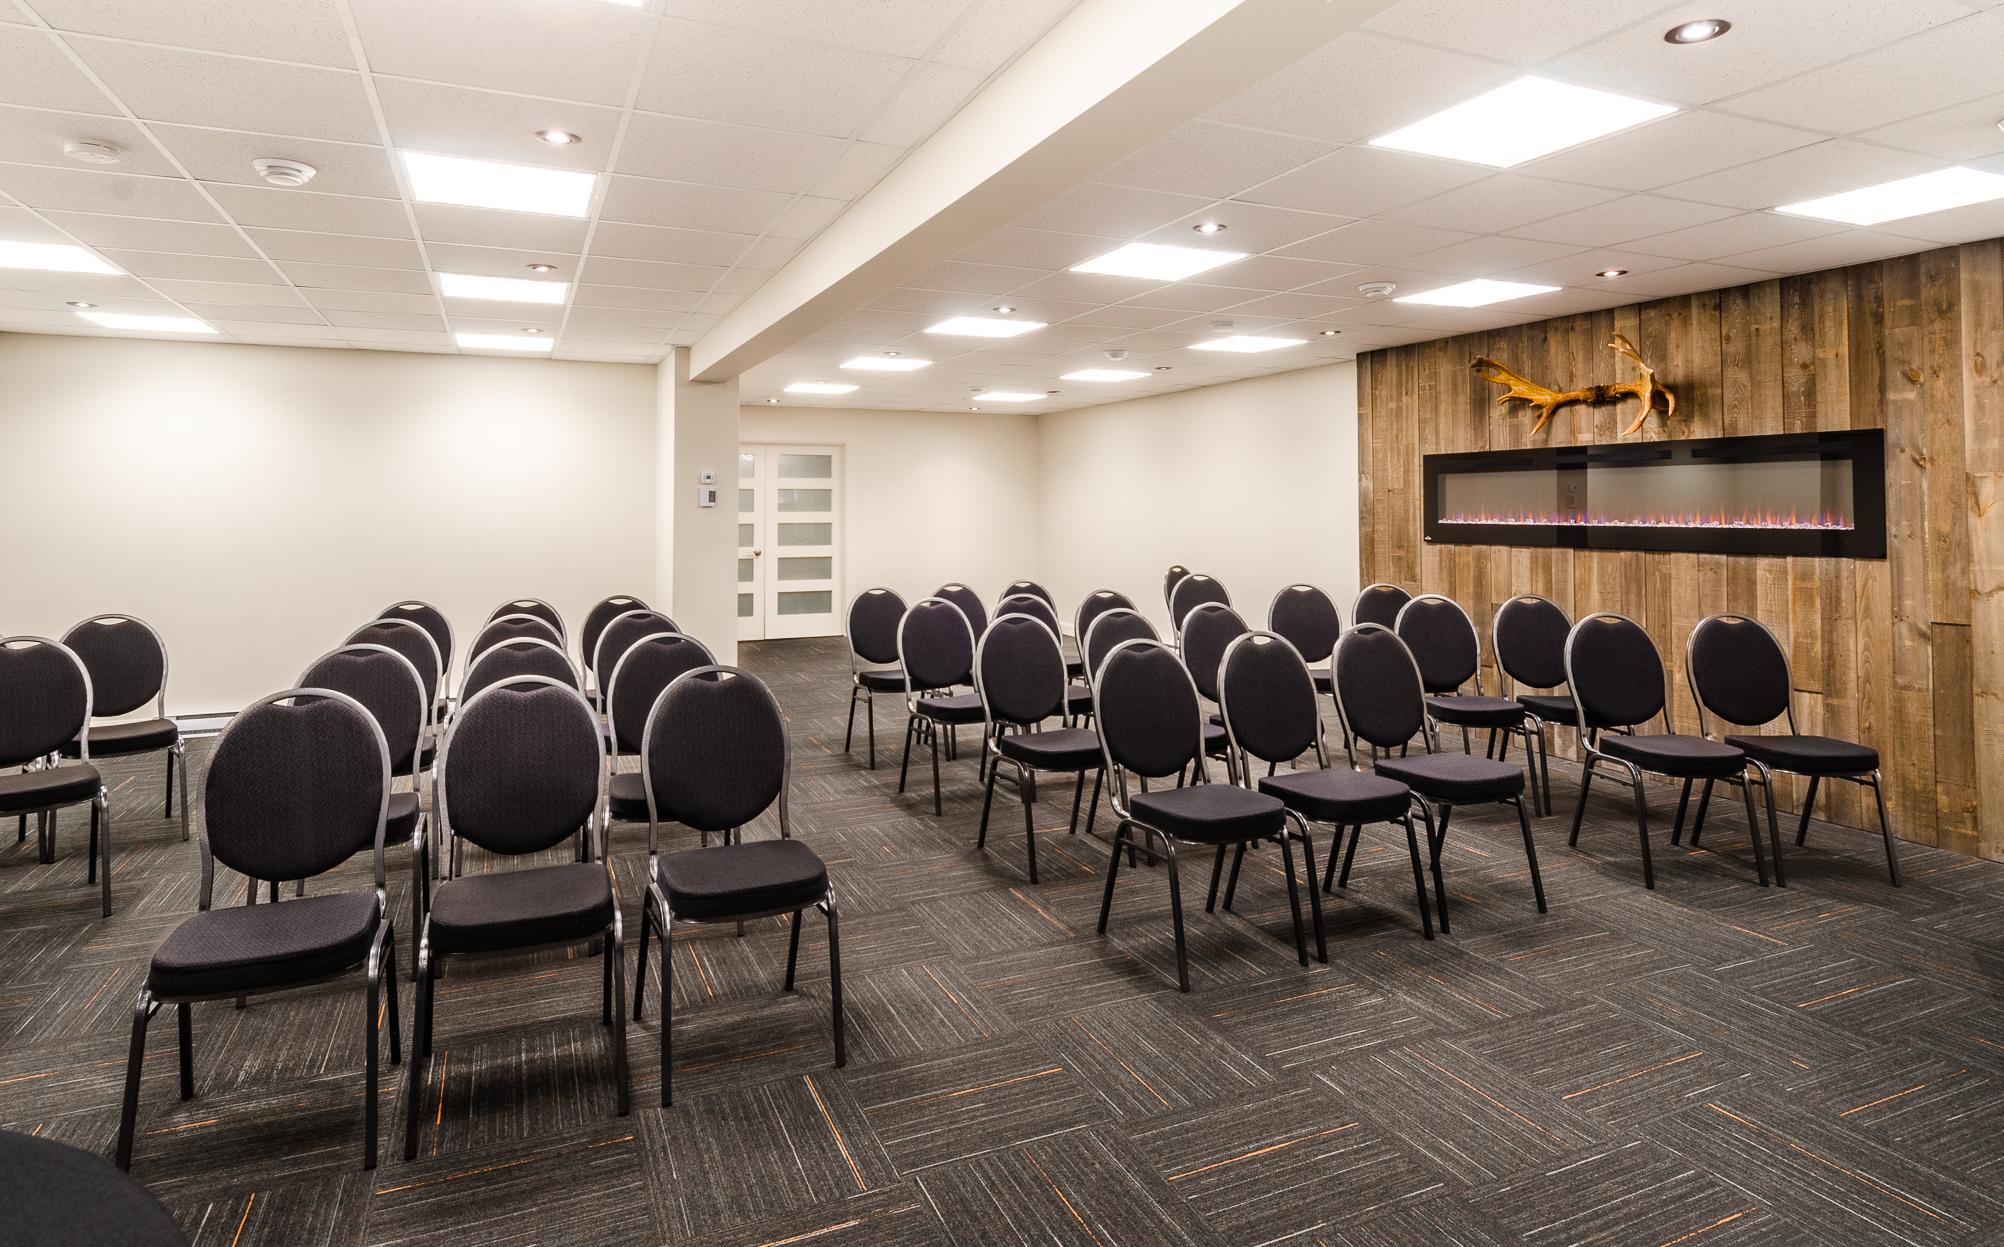 Salle de réunions_Sainte-Anne-des-Monts_Hôtel & cie_Conférences